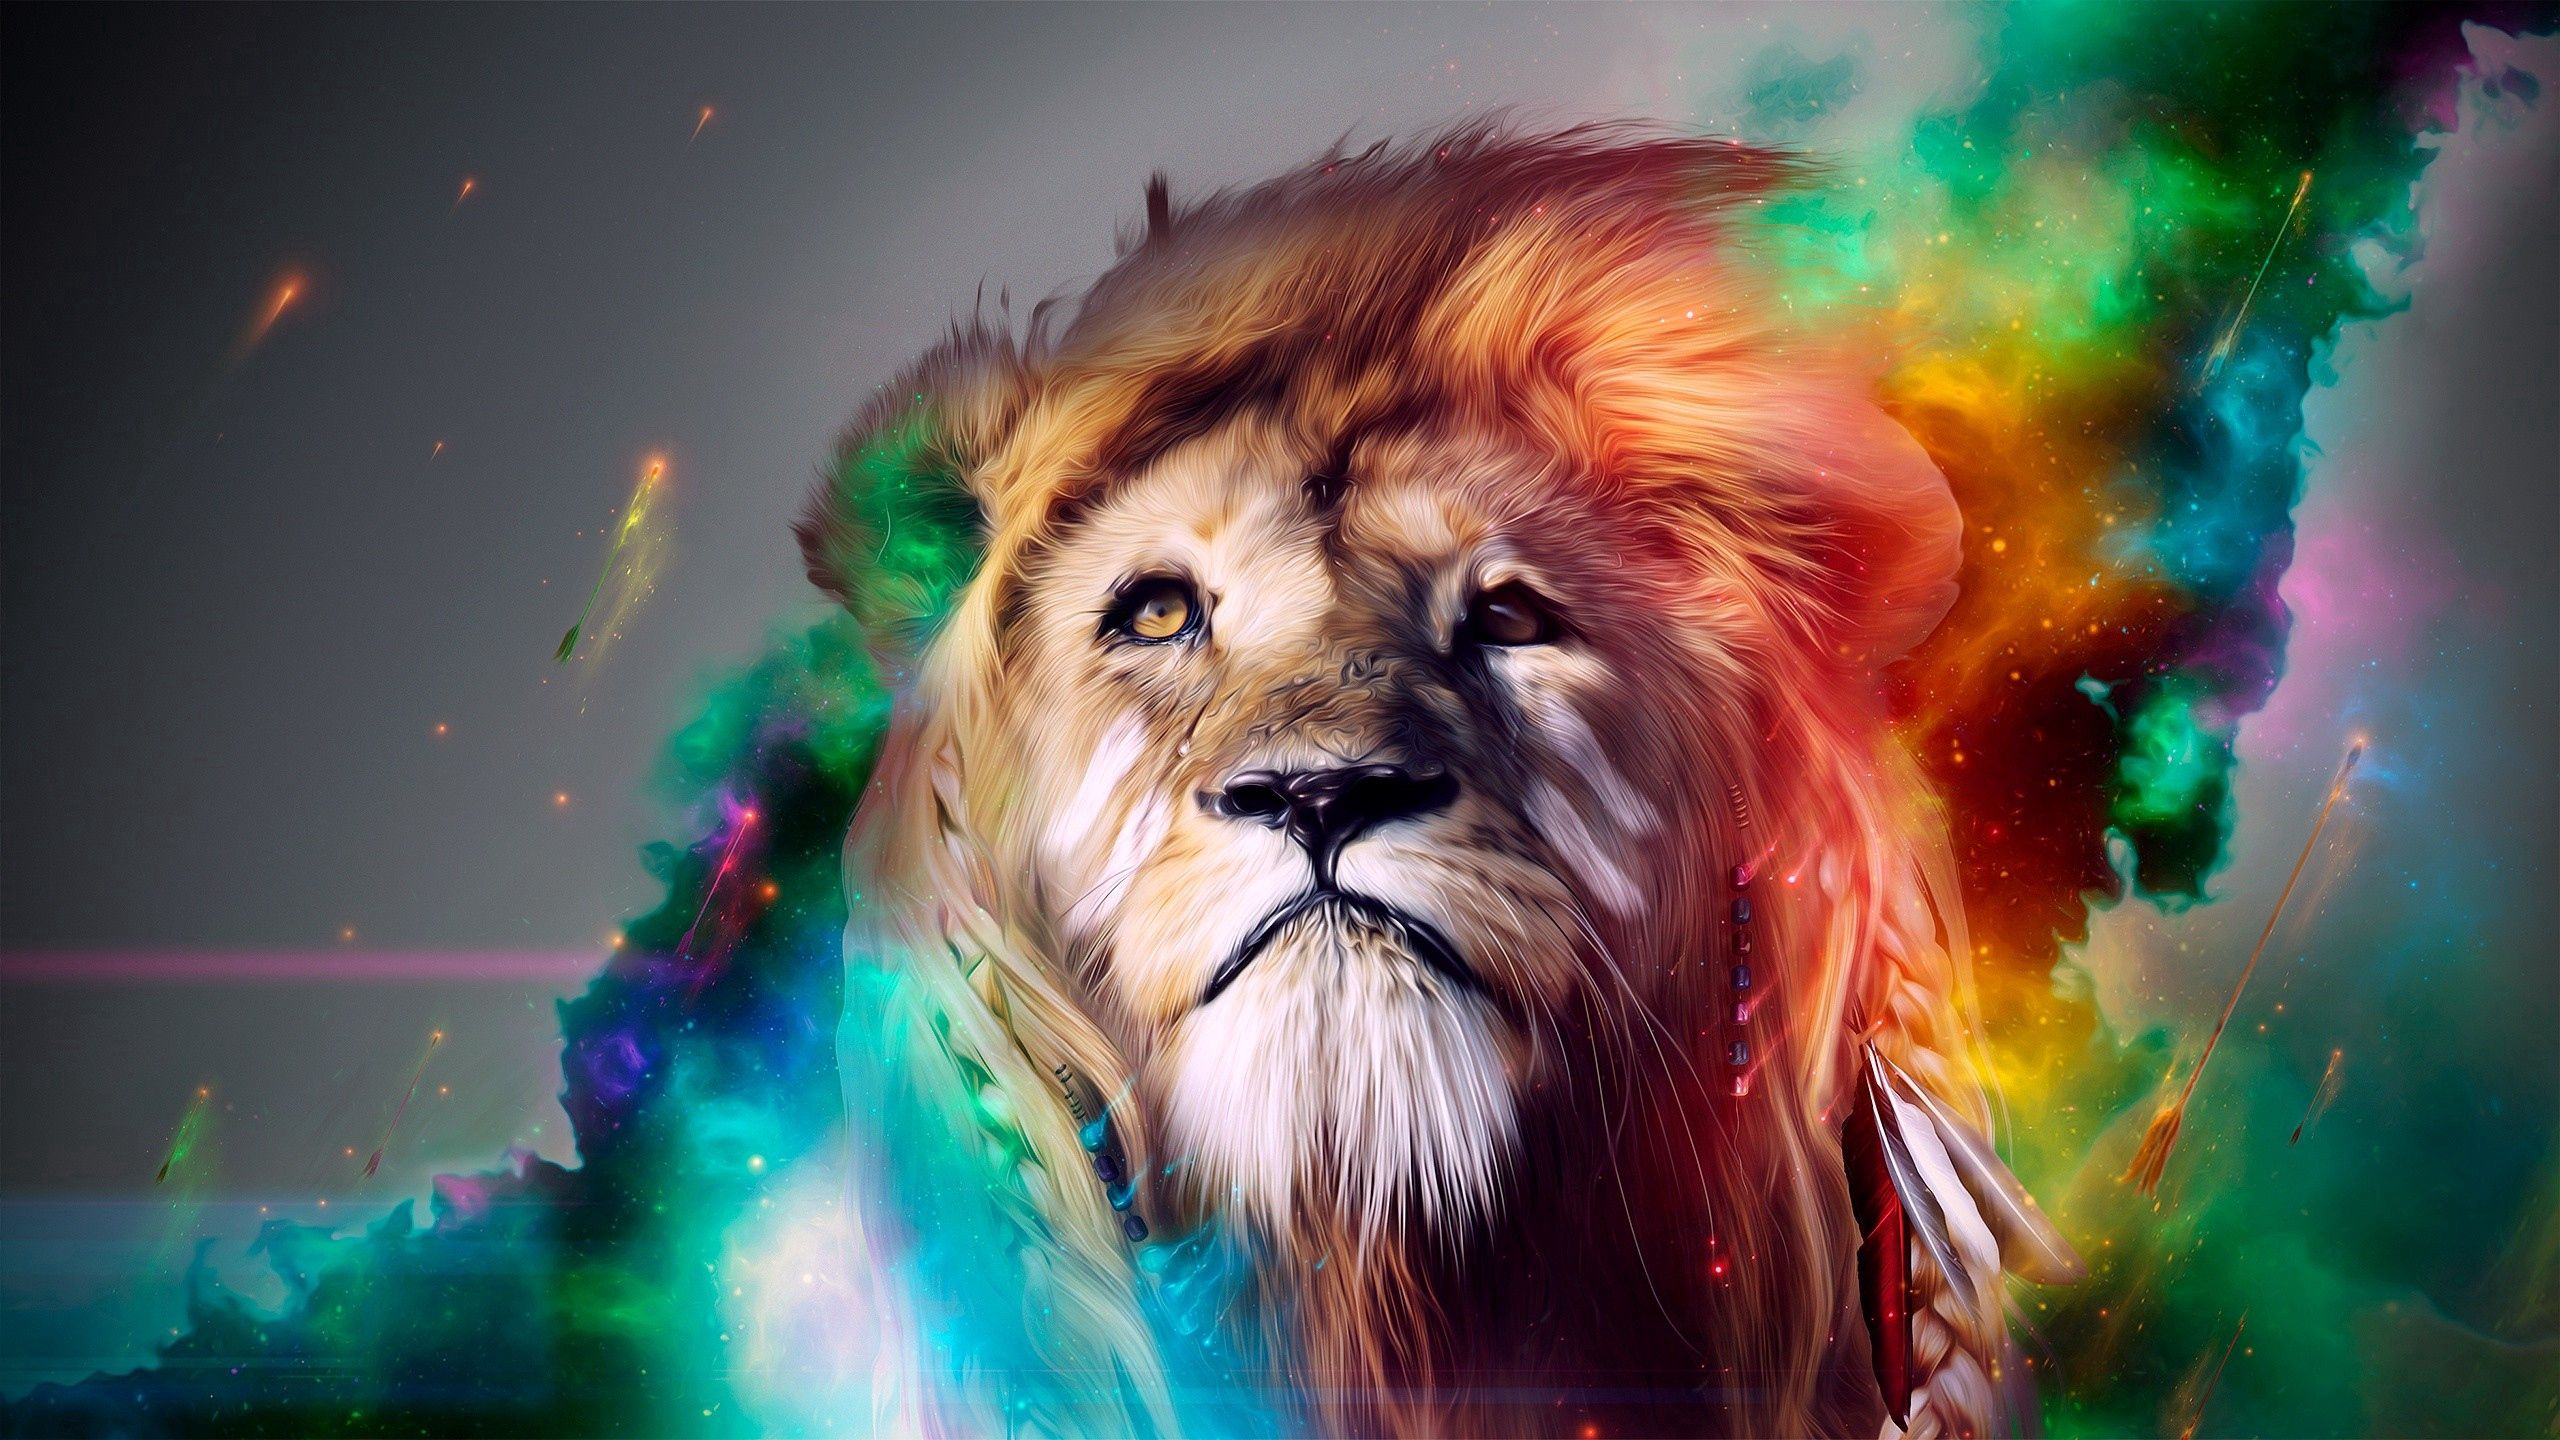 133110 Hintergrundbild herunterladen Abstrakt, Raucher, Mehrfarbig, Motley, Schnauze, Ein Löwe, Löwe, Große Katze, Big Cat - Bildschirmschoner und Bilder kostenlos